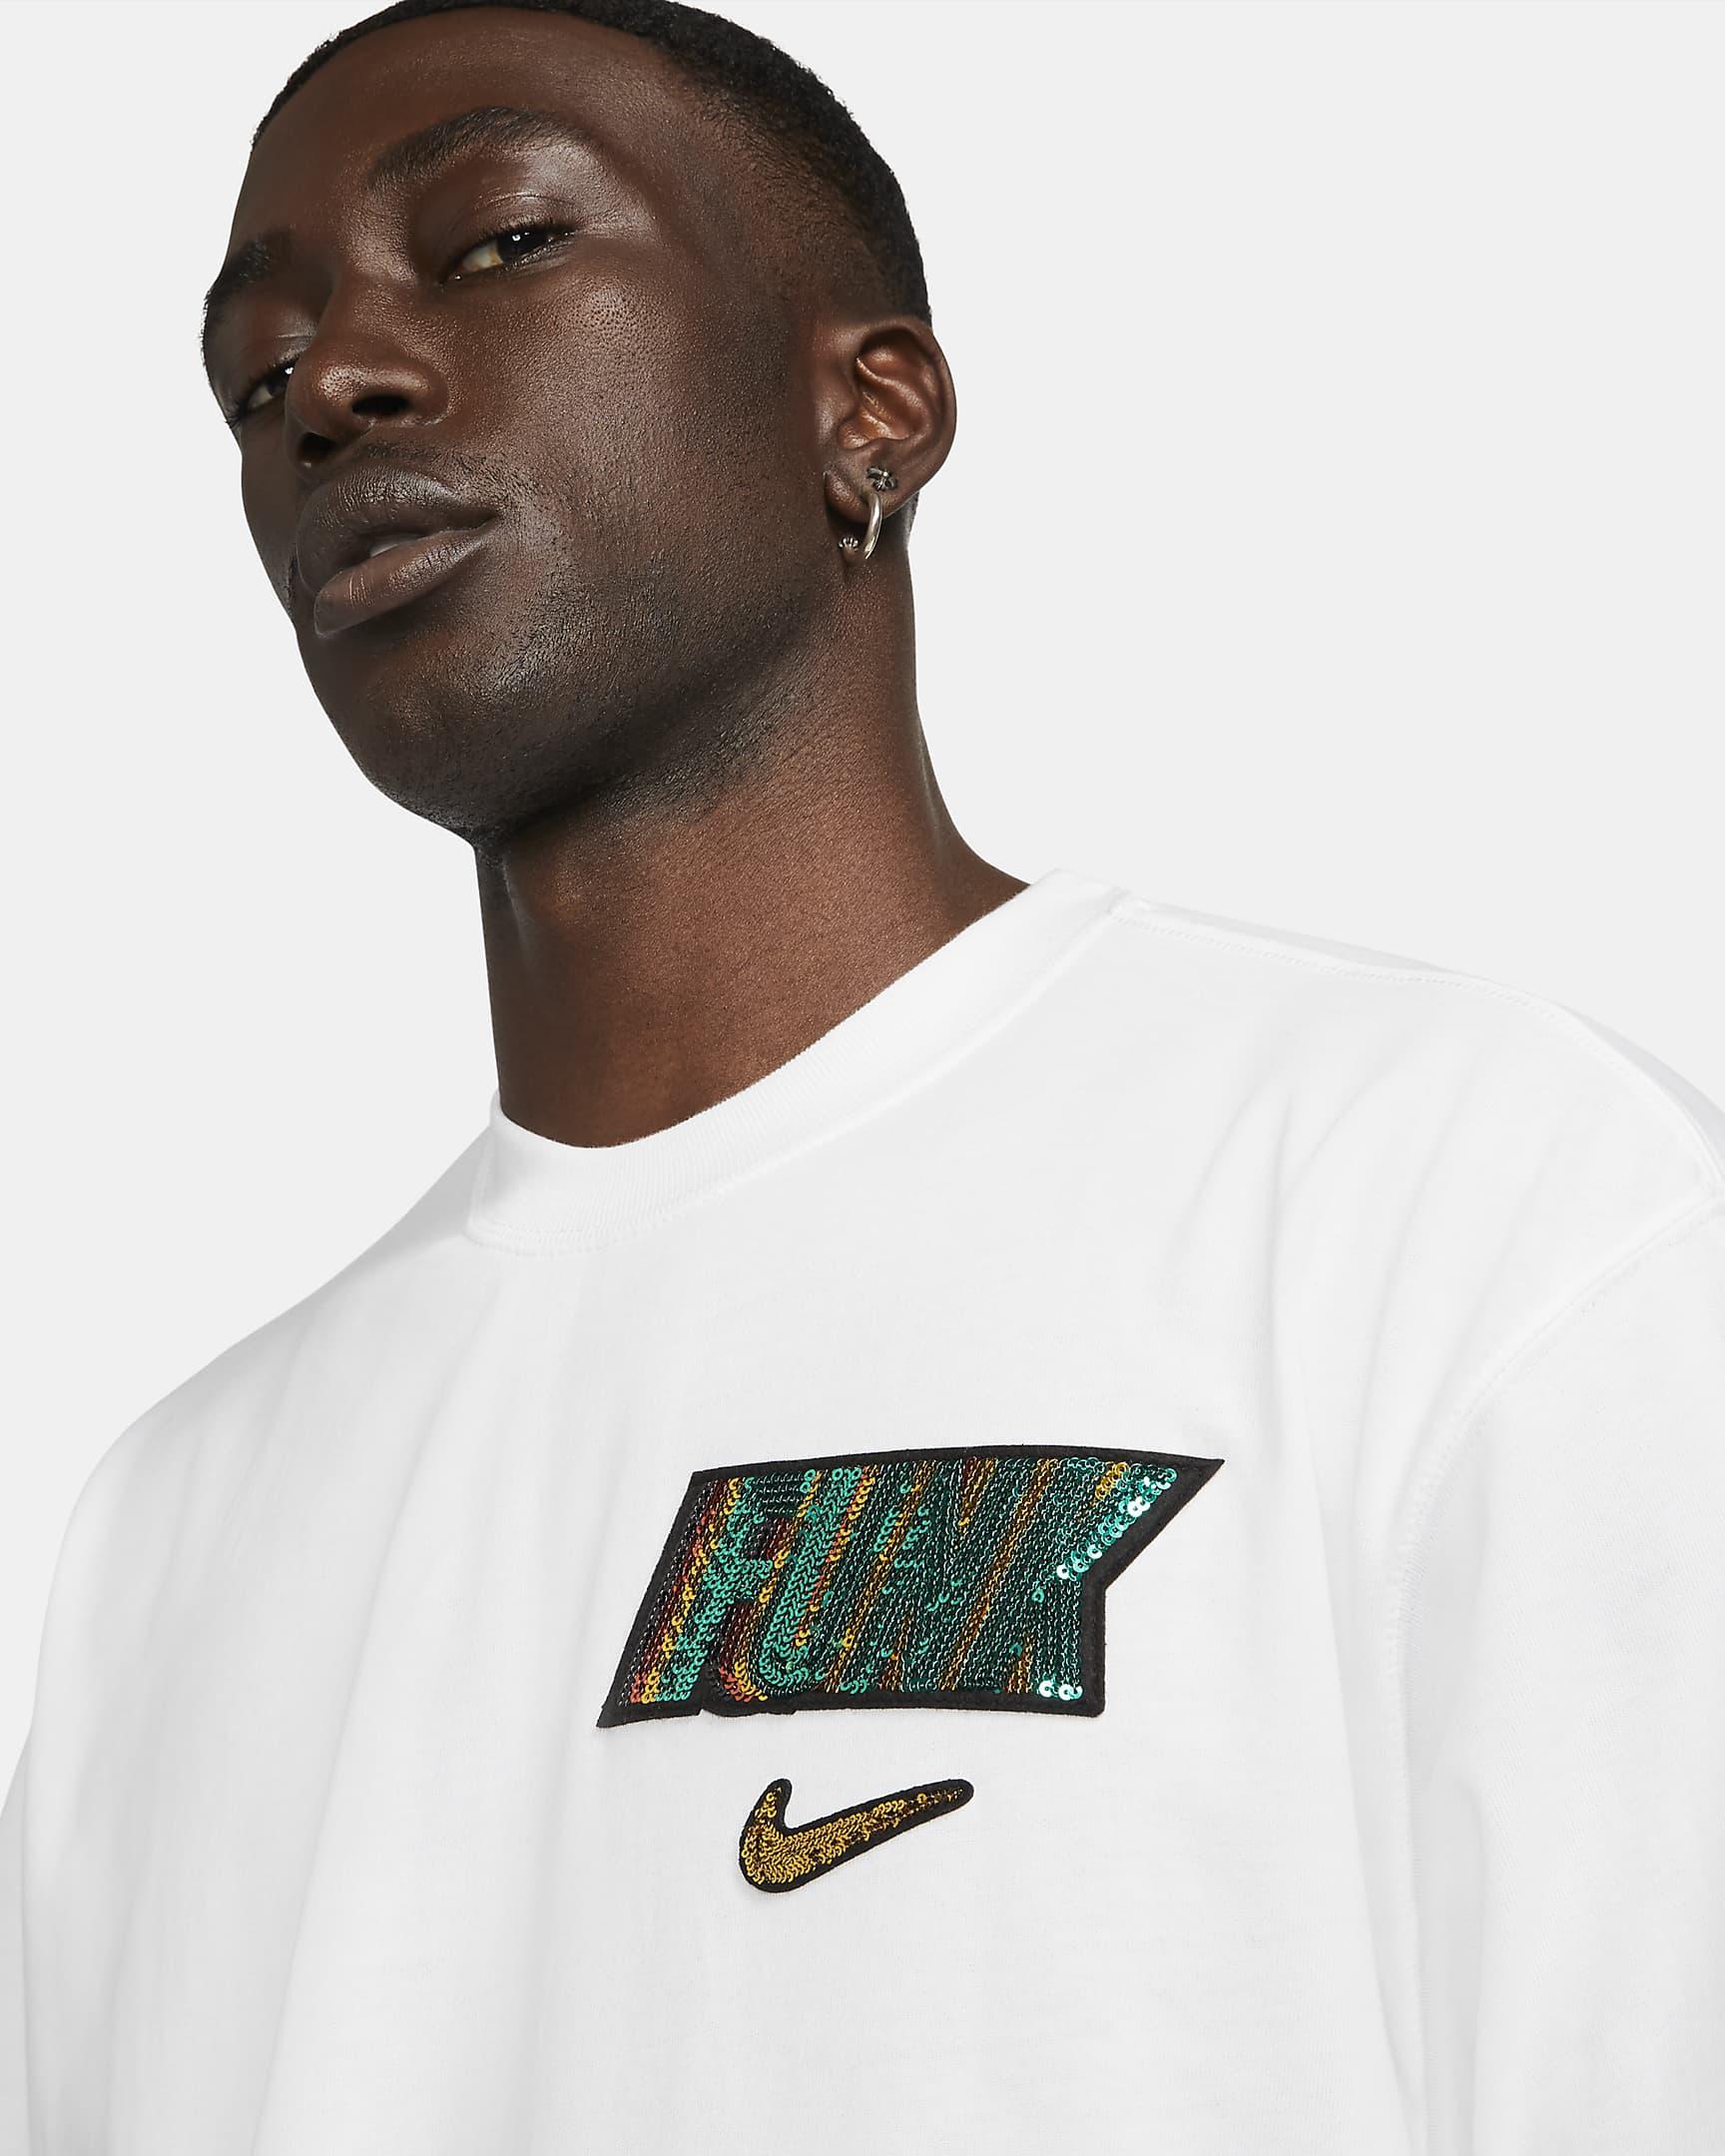 rayguns-mens-basketball-t-shirt-qZwq94-4